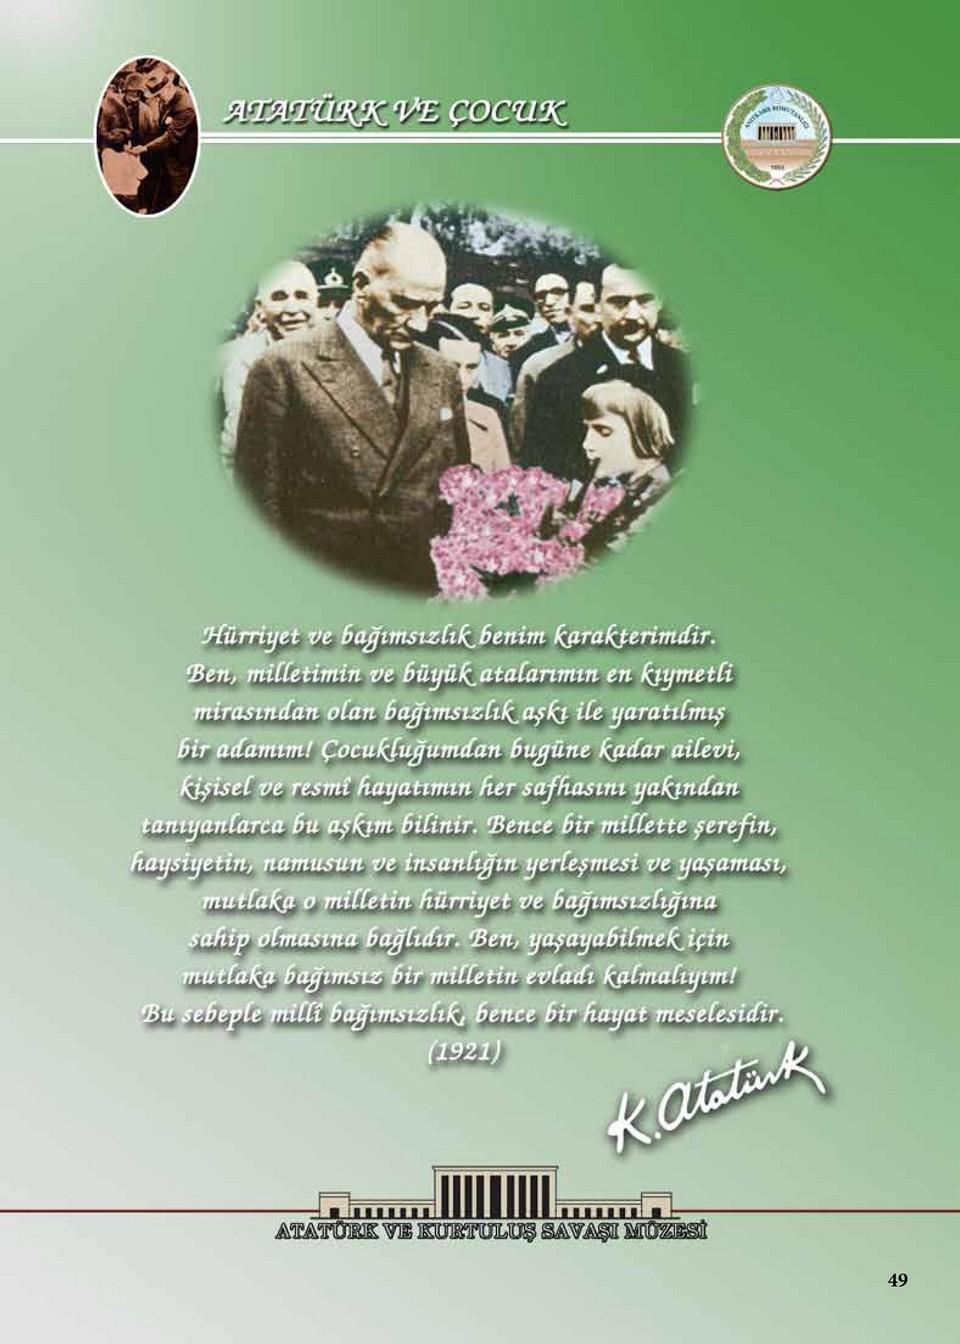 ataturkvecocuk-page-053